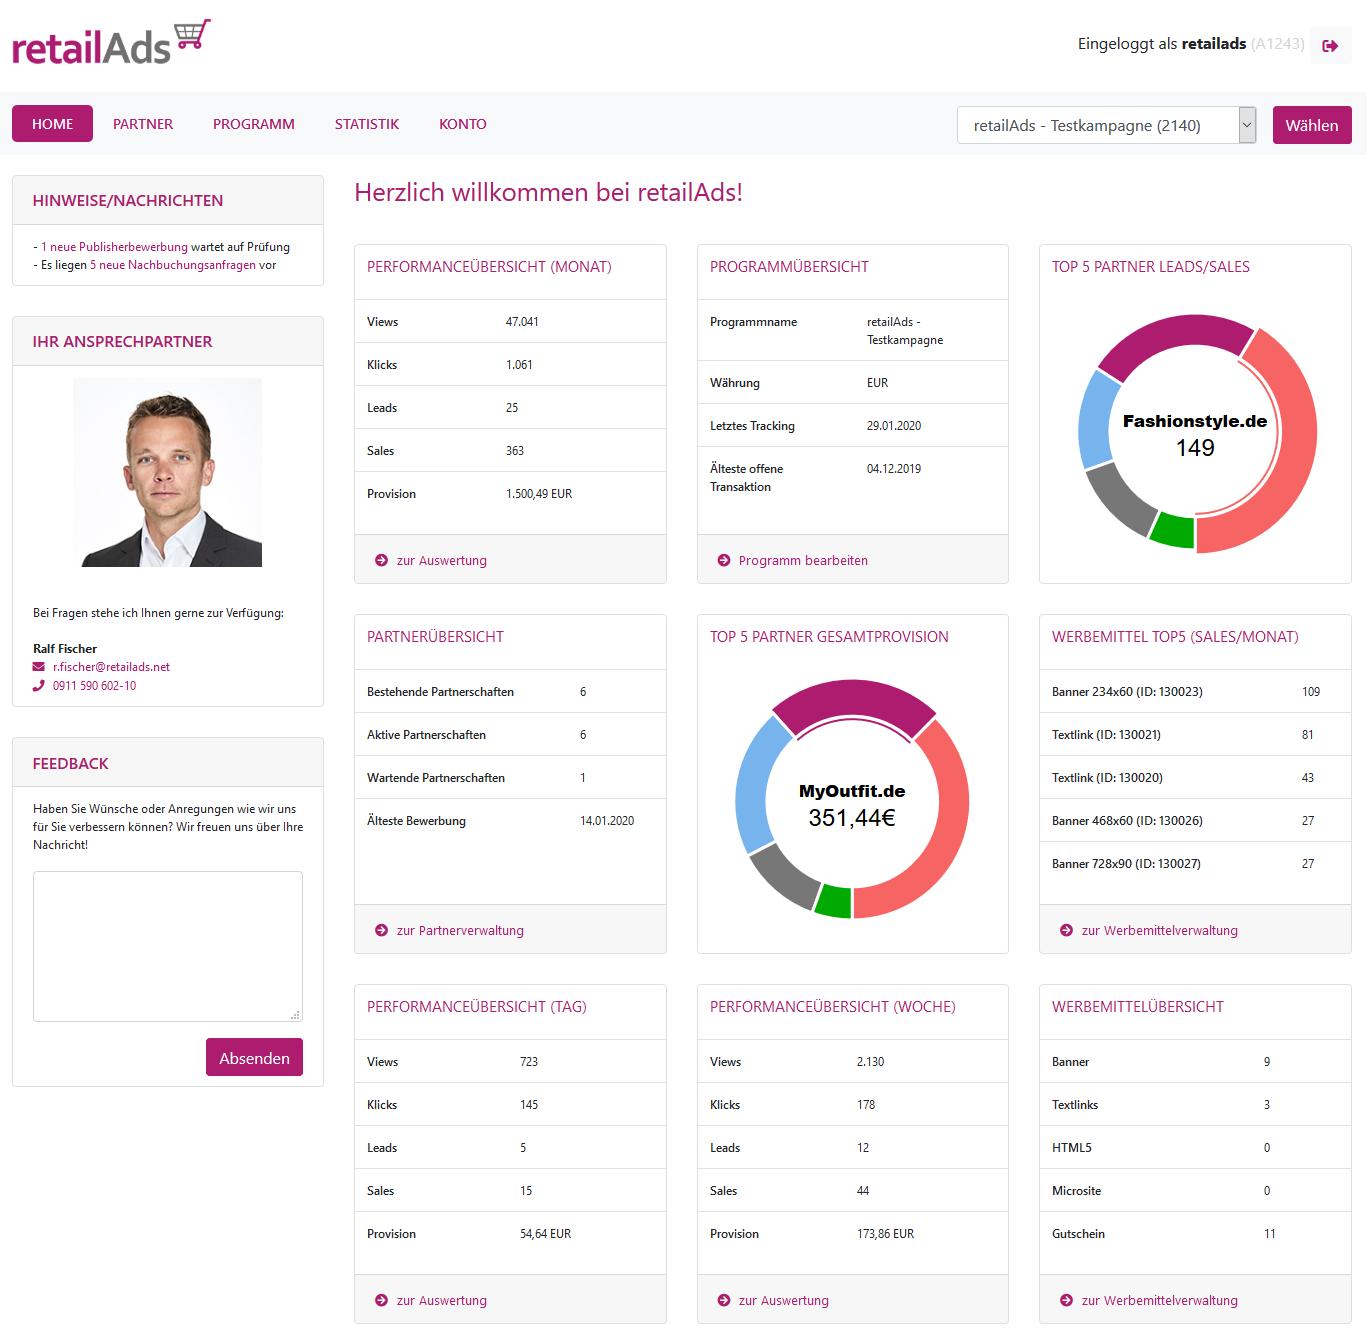 retailAds-Advertiser-Startseite